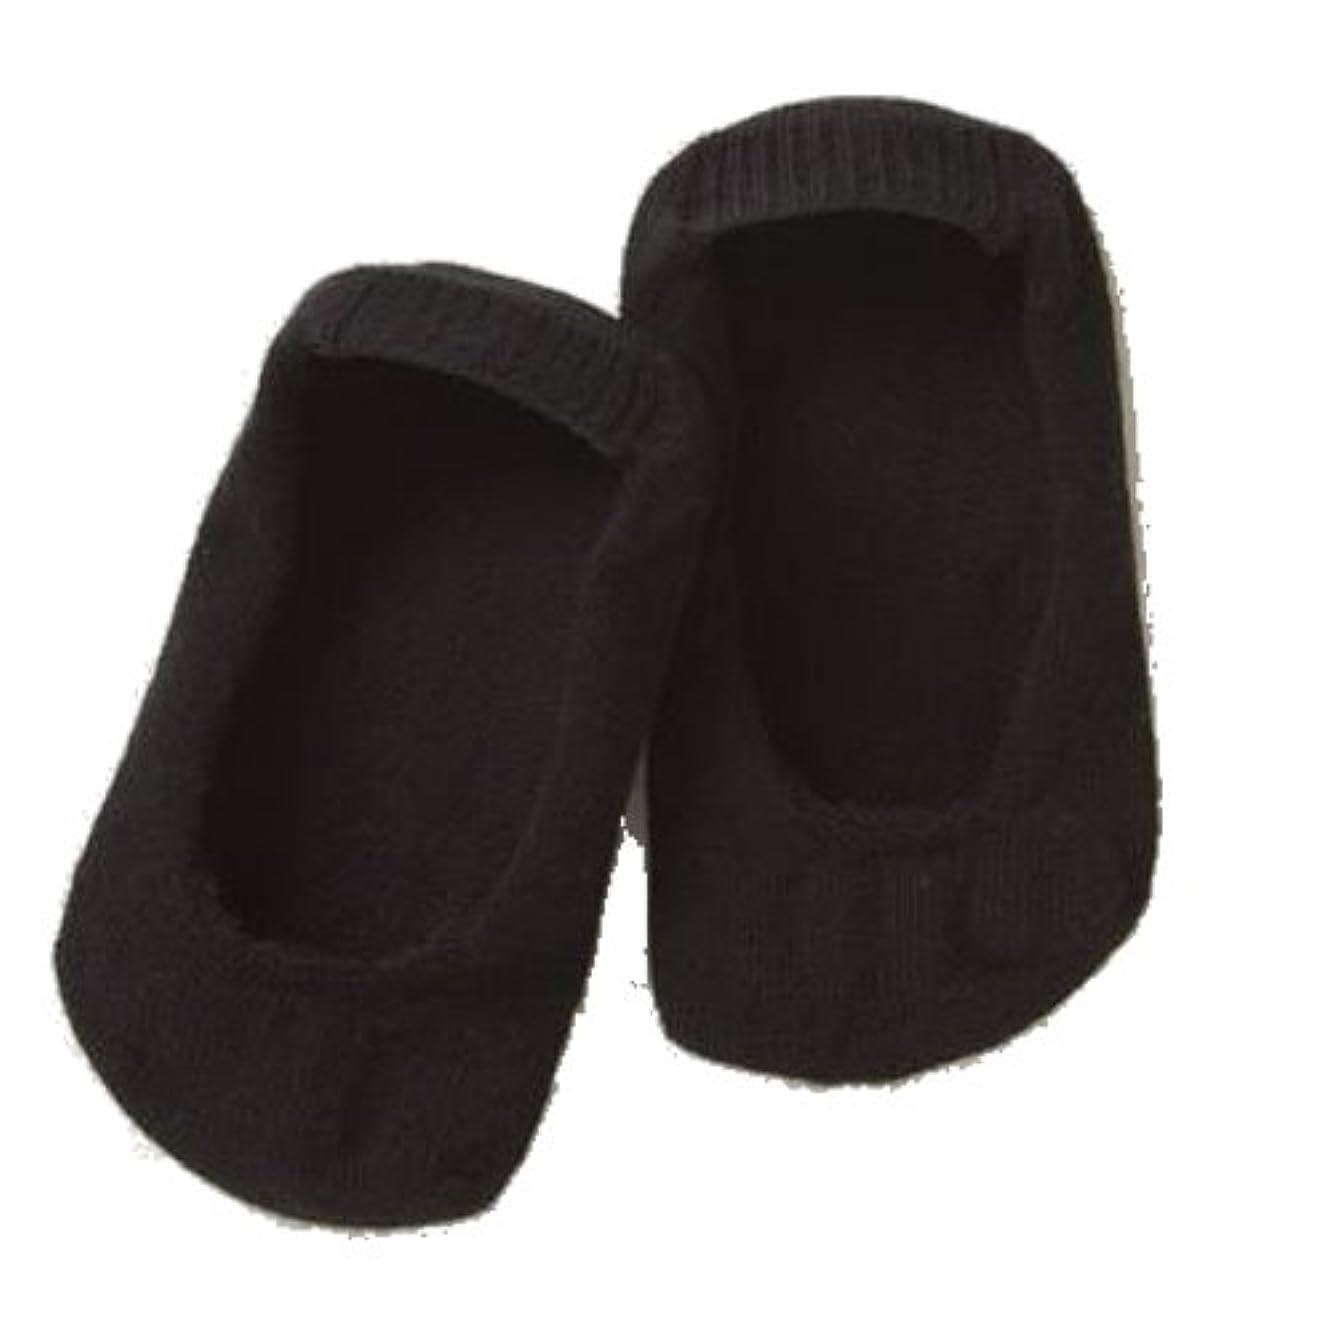 ソファー大きい東方足指すっきり内側5本指フットカバー 1足組 ブラック